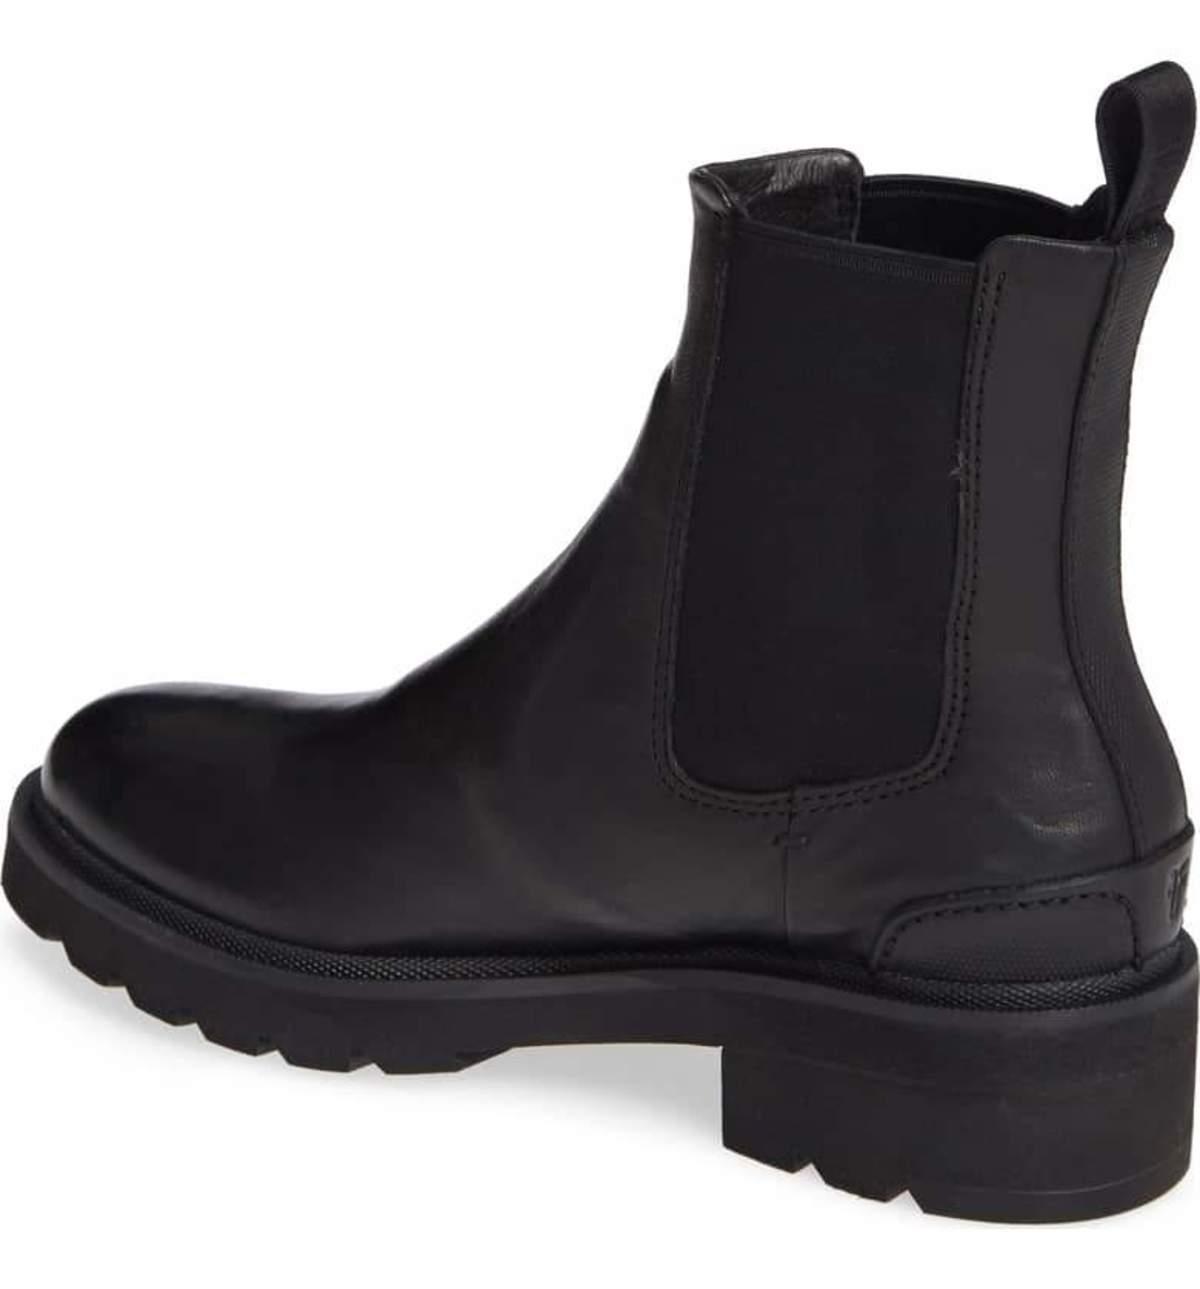 FRYE Womens Allison Chelsea Boot